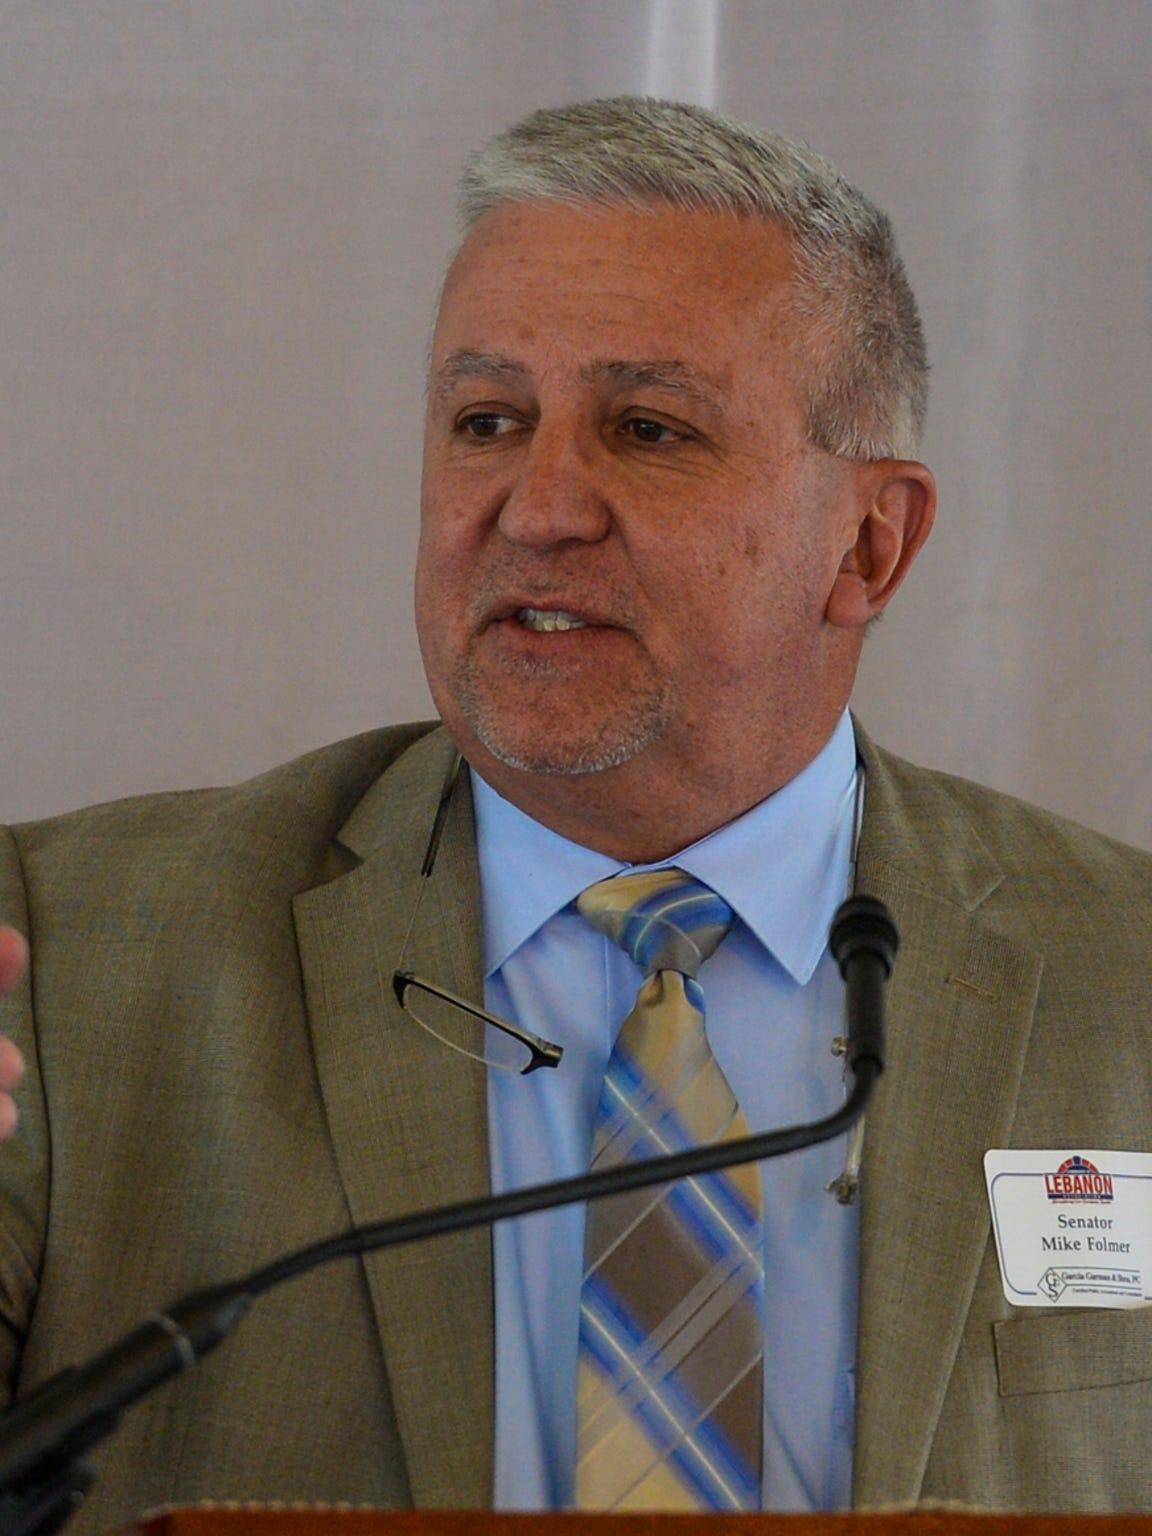 State Sen. Mike Folmer